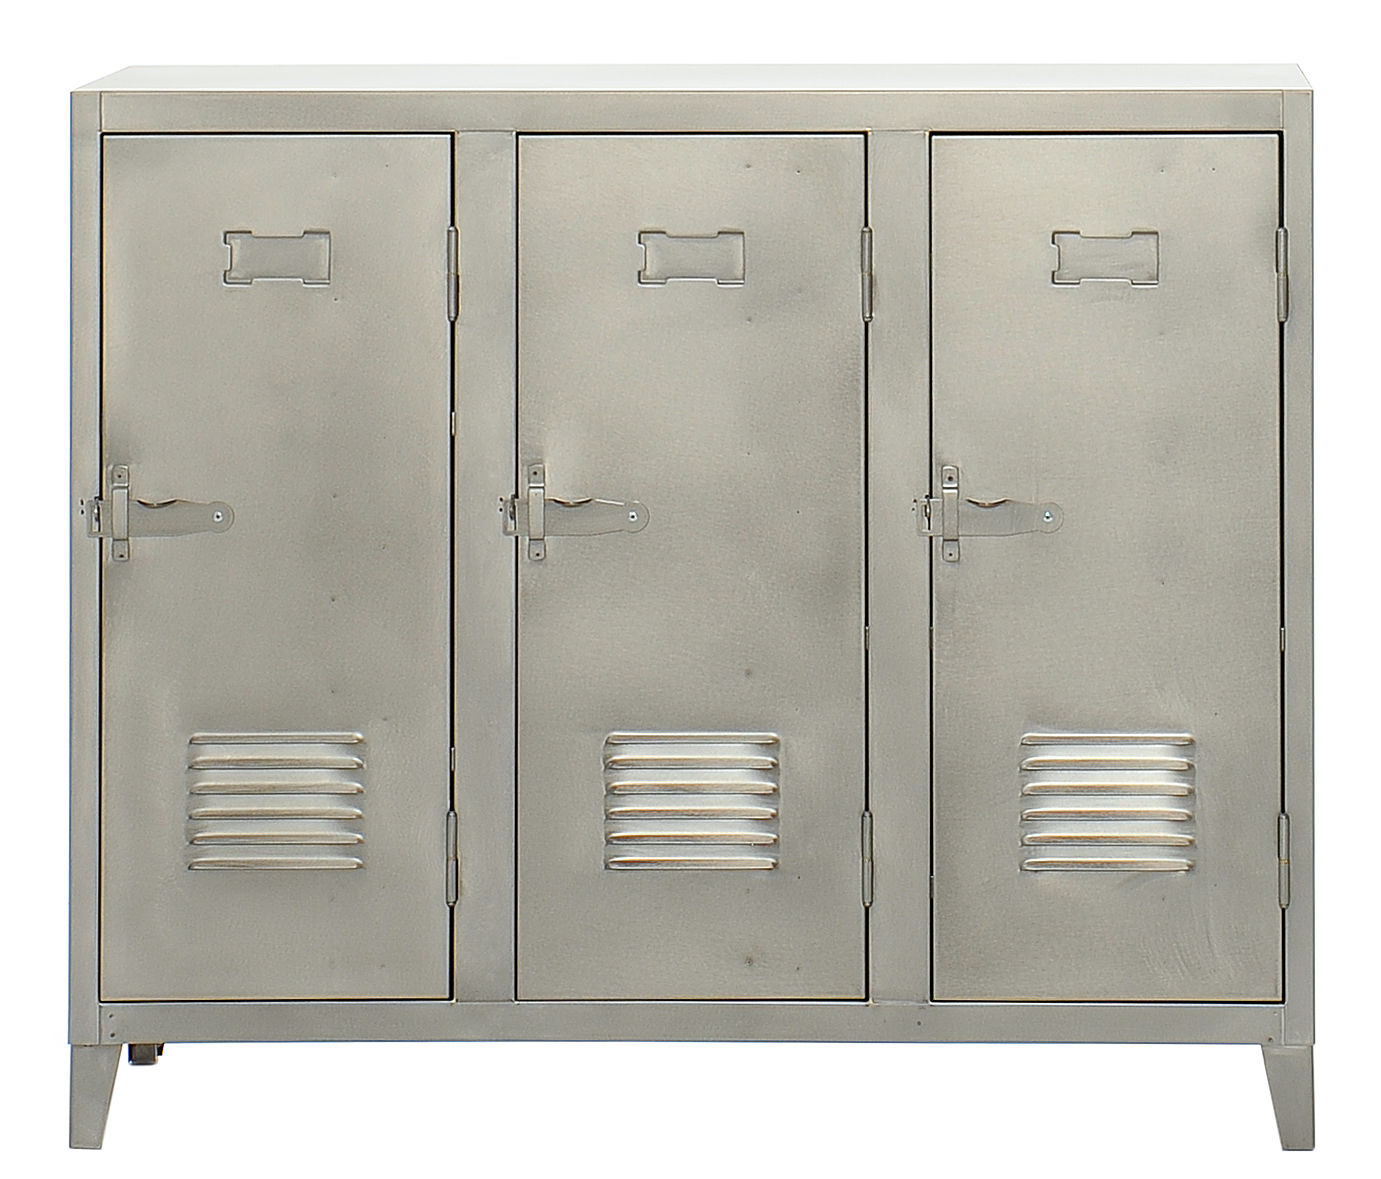 Möbel - Aufbewahrungsmöbel - Vestiaire bas Ablage / niedriger Kleiderschrank - dreitürig - Tolix - Rohstahl satiniert - Acier brut verni mat